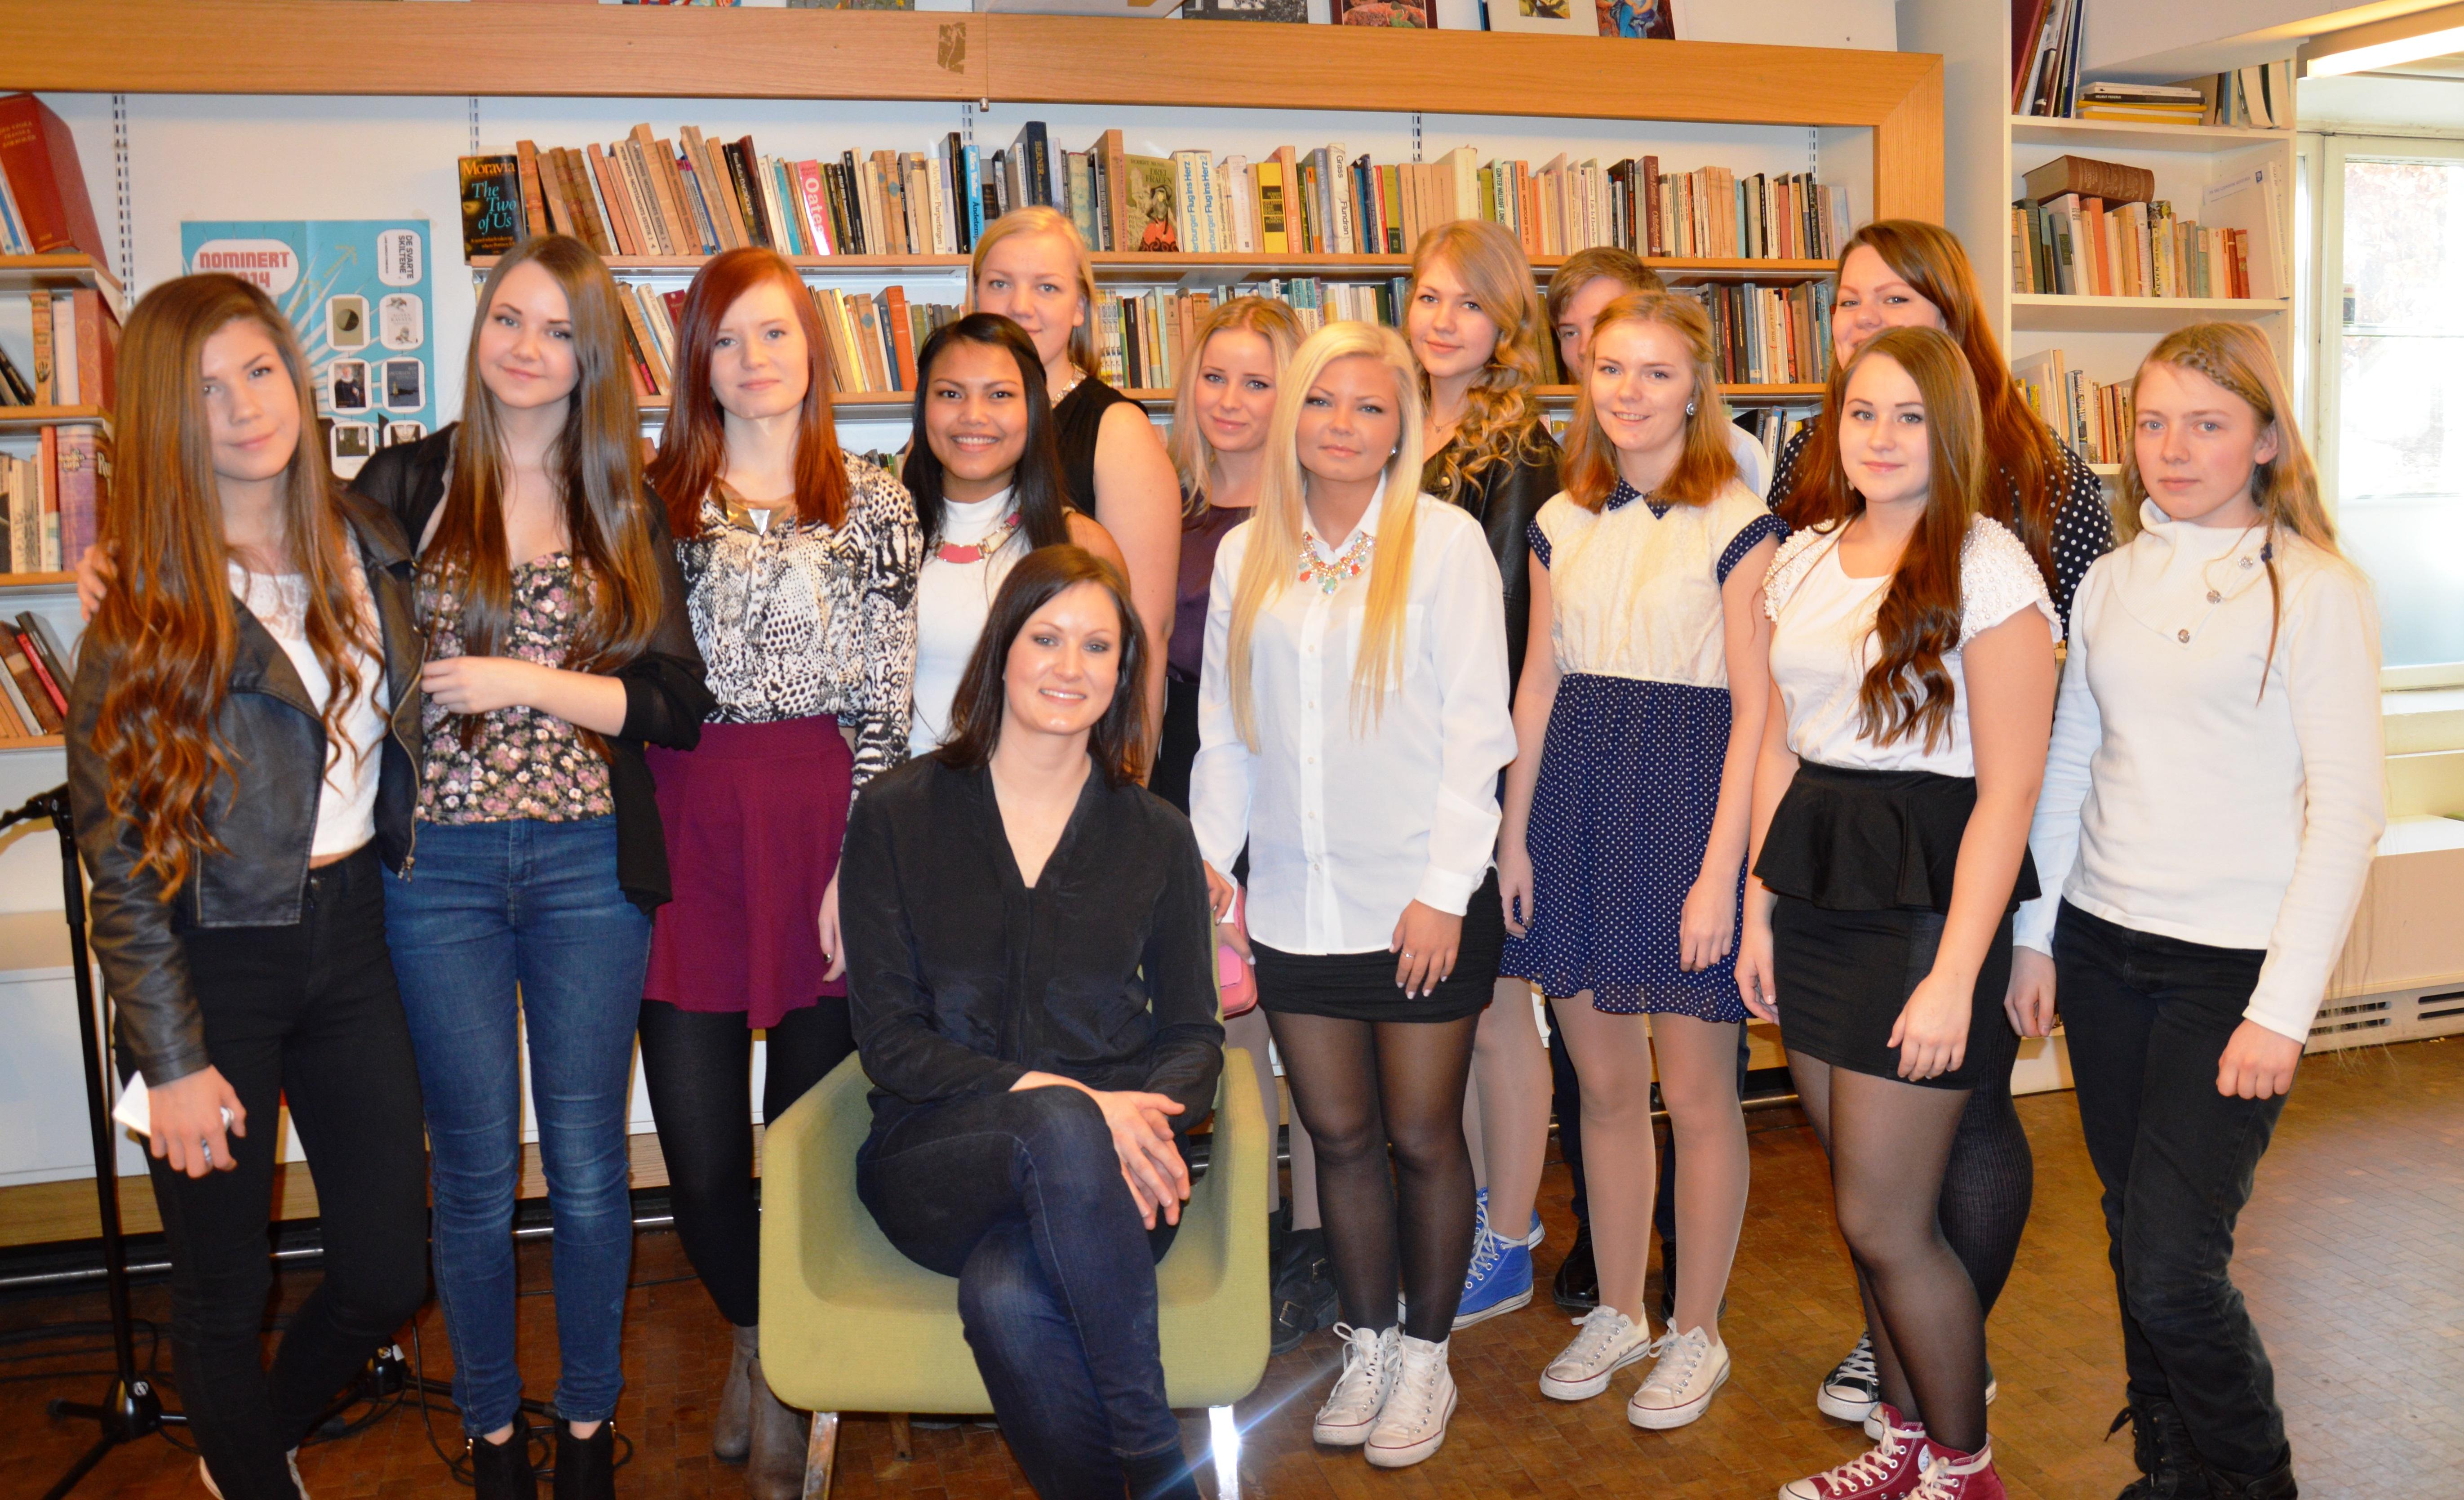 Juryklasse fra Meløy vgs med vinner Agnes Ravatn. Foto Kjersti Svendsen/Meløy vgs